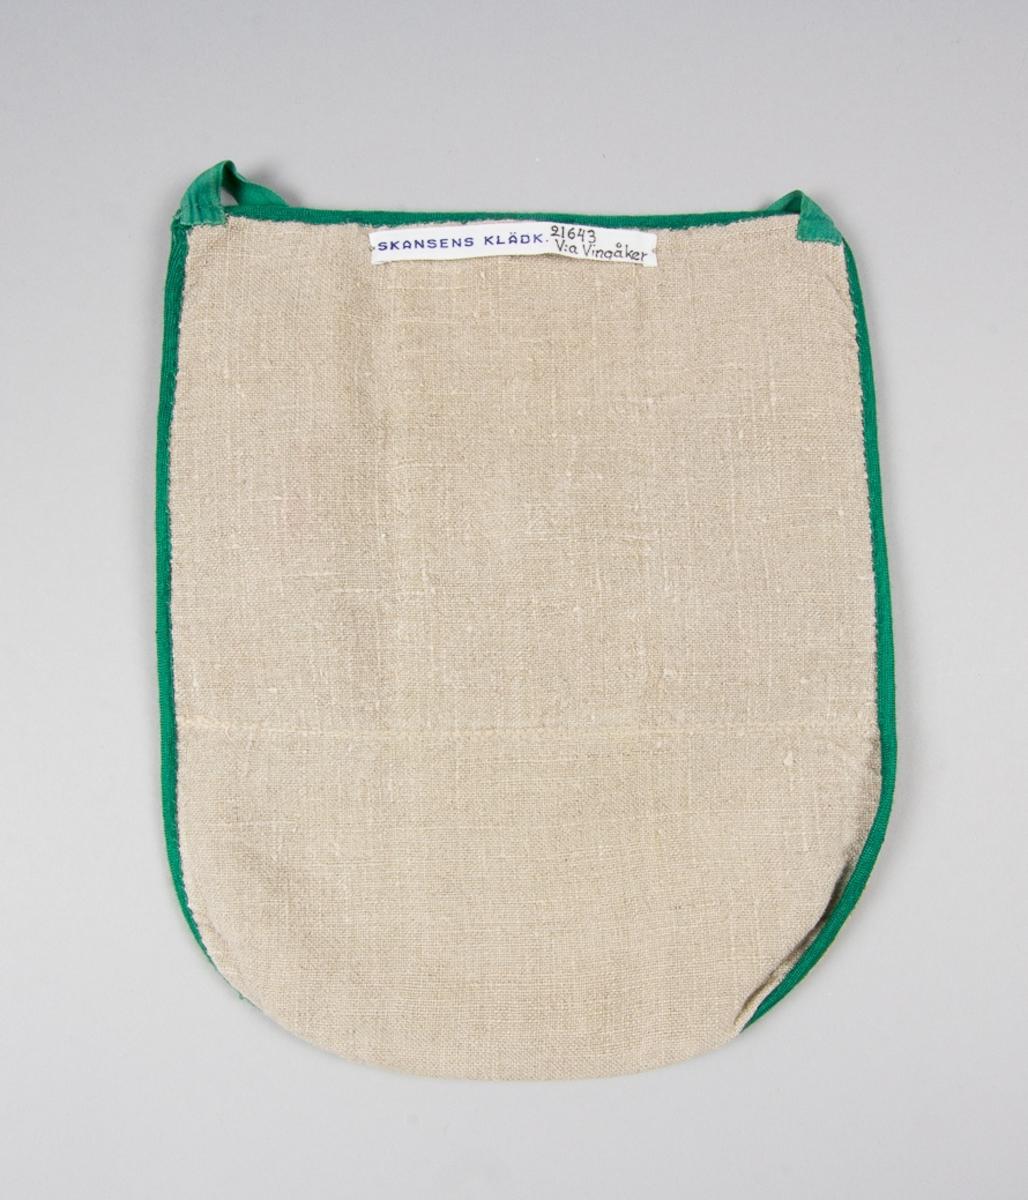 Kjolsäck till dräkt för kvinna från Västra Vingåkers socken, Södermanland. Modell med u-formad öppning för handen. Framstycke av fabriksvävt beige bomullstyg, jacquardvävt, med gallermönster   och ovanpå det ett flammönster i rosa och bruna toner. Ett mönstervävt band eller en utklippt bård från ett annat tyg, dubblerat, 64 mm brett, är påsytt mittpå framstycket lodrätt. Samma tyg och band syns i öppningen. Bandet, troligen av bomull, har ett jacquardmönster av blomsterslinga i flera färger på beige botten. Strax under öppningen ett knapphål, sytt med brun tråd. Knappen, som är fastsydd i bakstycket, är en ljusbrun liten halvkullig knapp med pärlemoeffekt. Framstycket fodrat med fabriksvävt linnetyg, tuskaft, och samma tyg har använts till bakstycke. Kjolsäcken är kantad med grönt diagonalvävt band av konstsilke. Knytband fabriksvävda, av grön bomull.